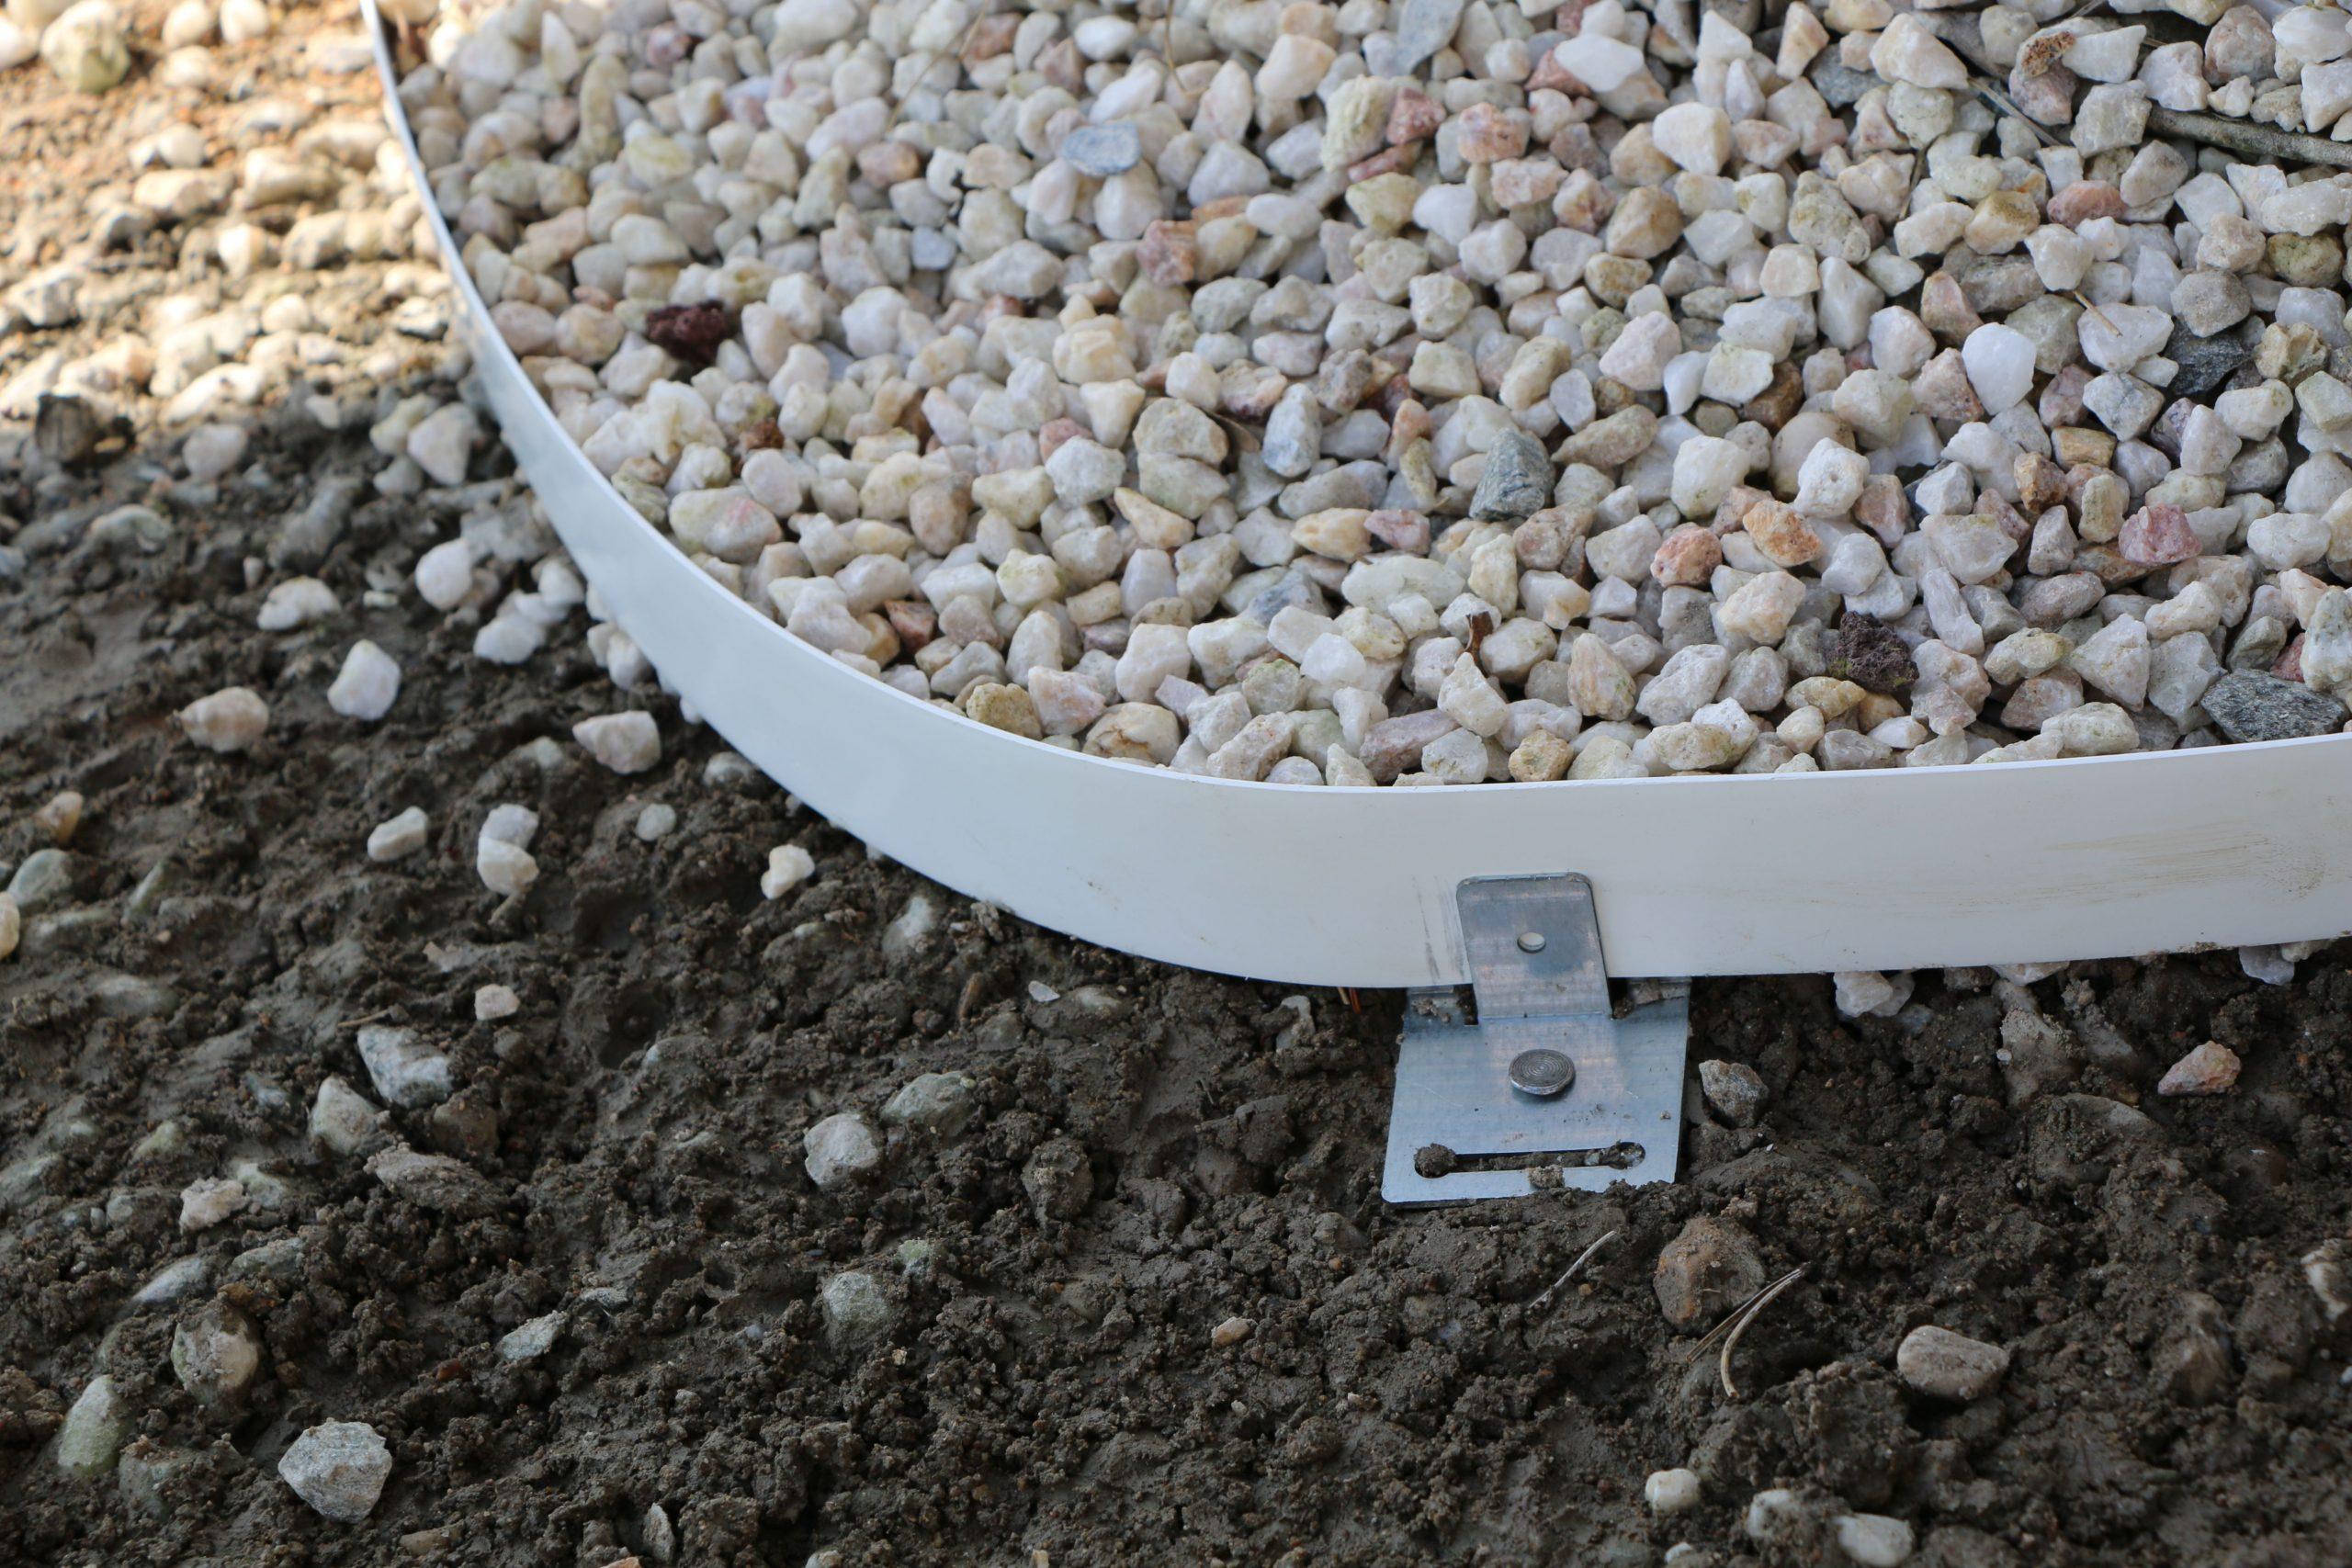 Bordure Souple D'aménagement De Jardin En Pvc. #jardin ... tout Bordure Jardin Pvc